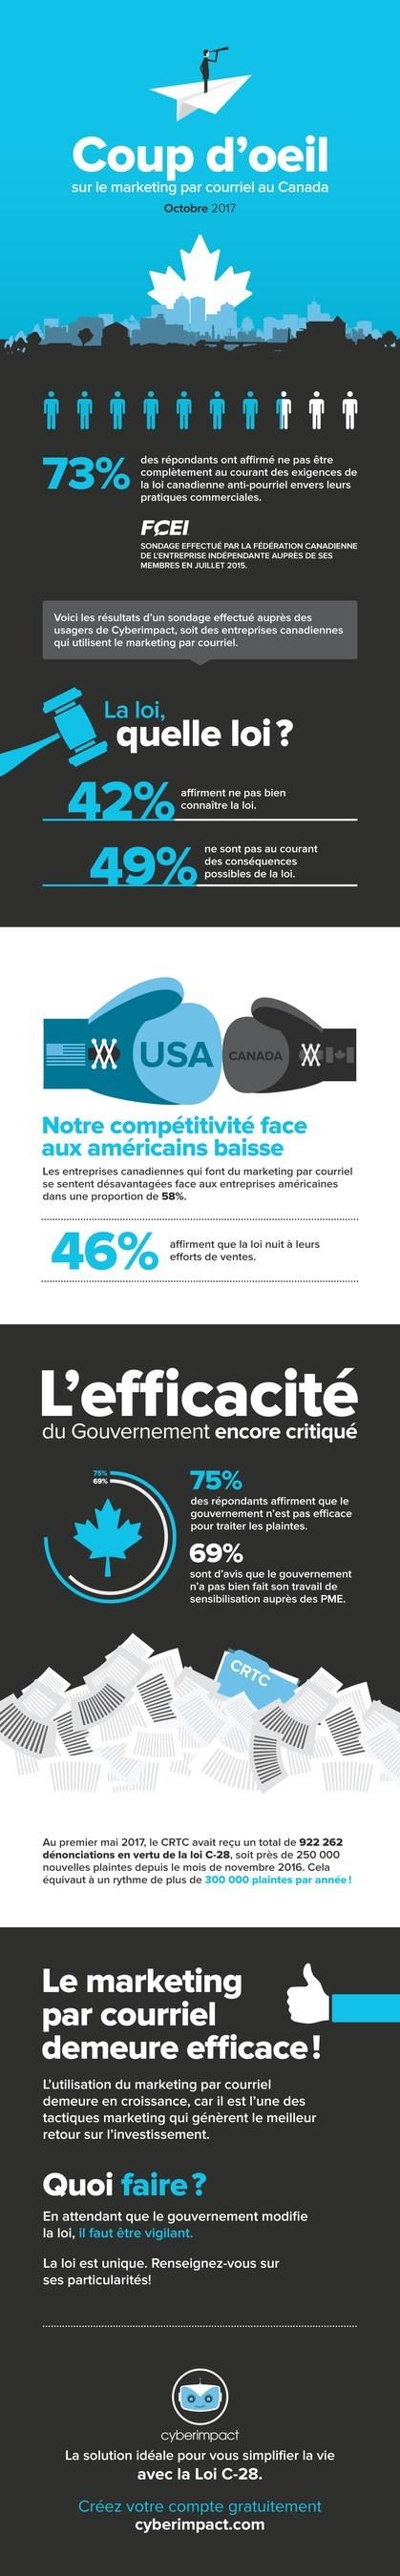 Coup d'oeil sur le marketing par courriel au Canada (Groupe CNW/Cyberimpact)